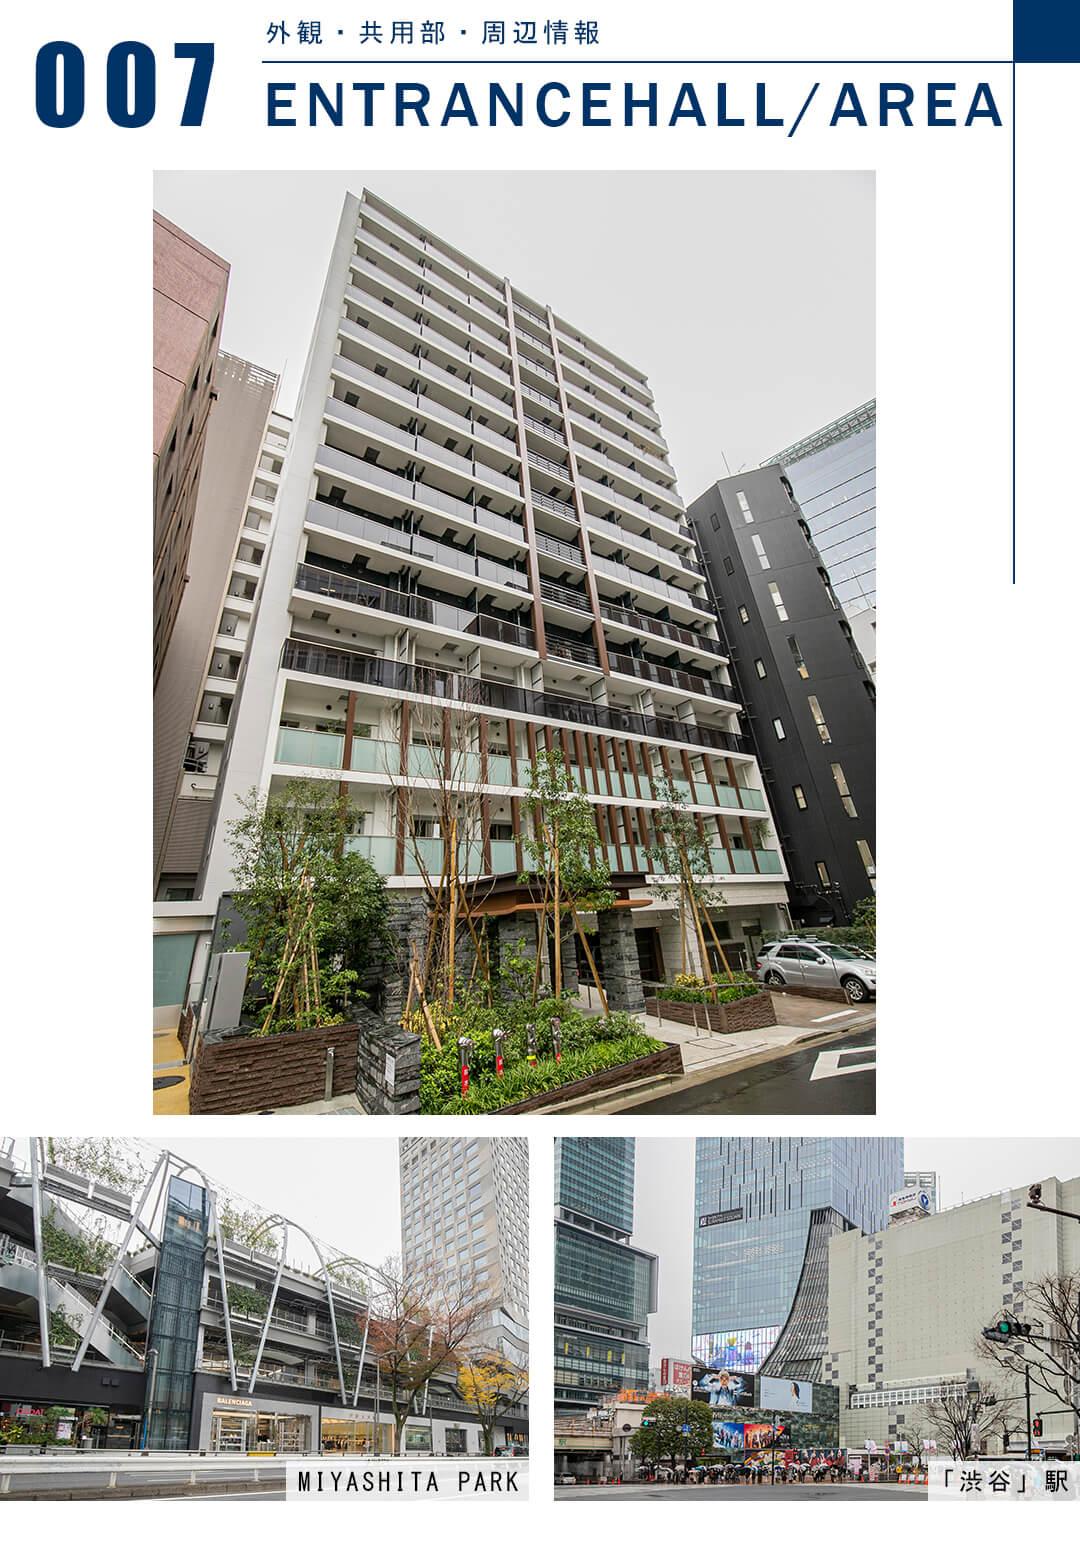 ザ・パークハウスアーバンス渋谷の外観と周辺情報